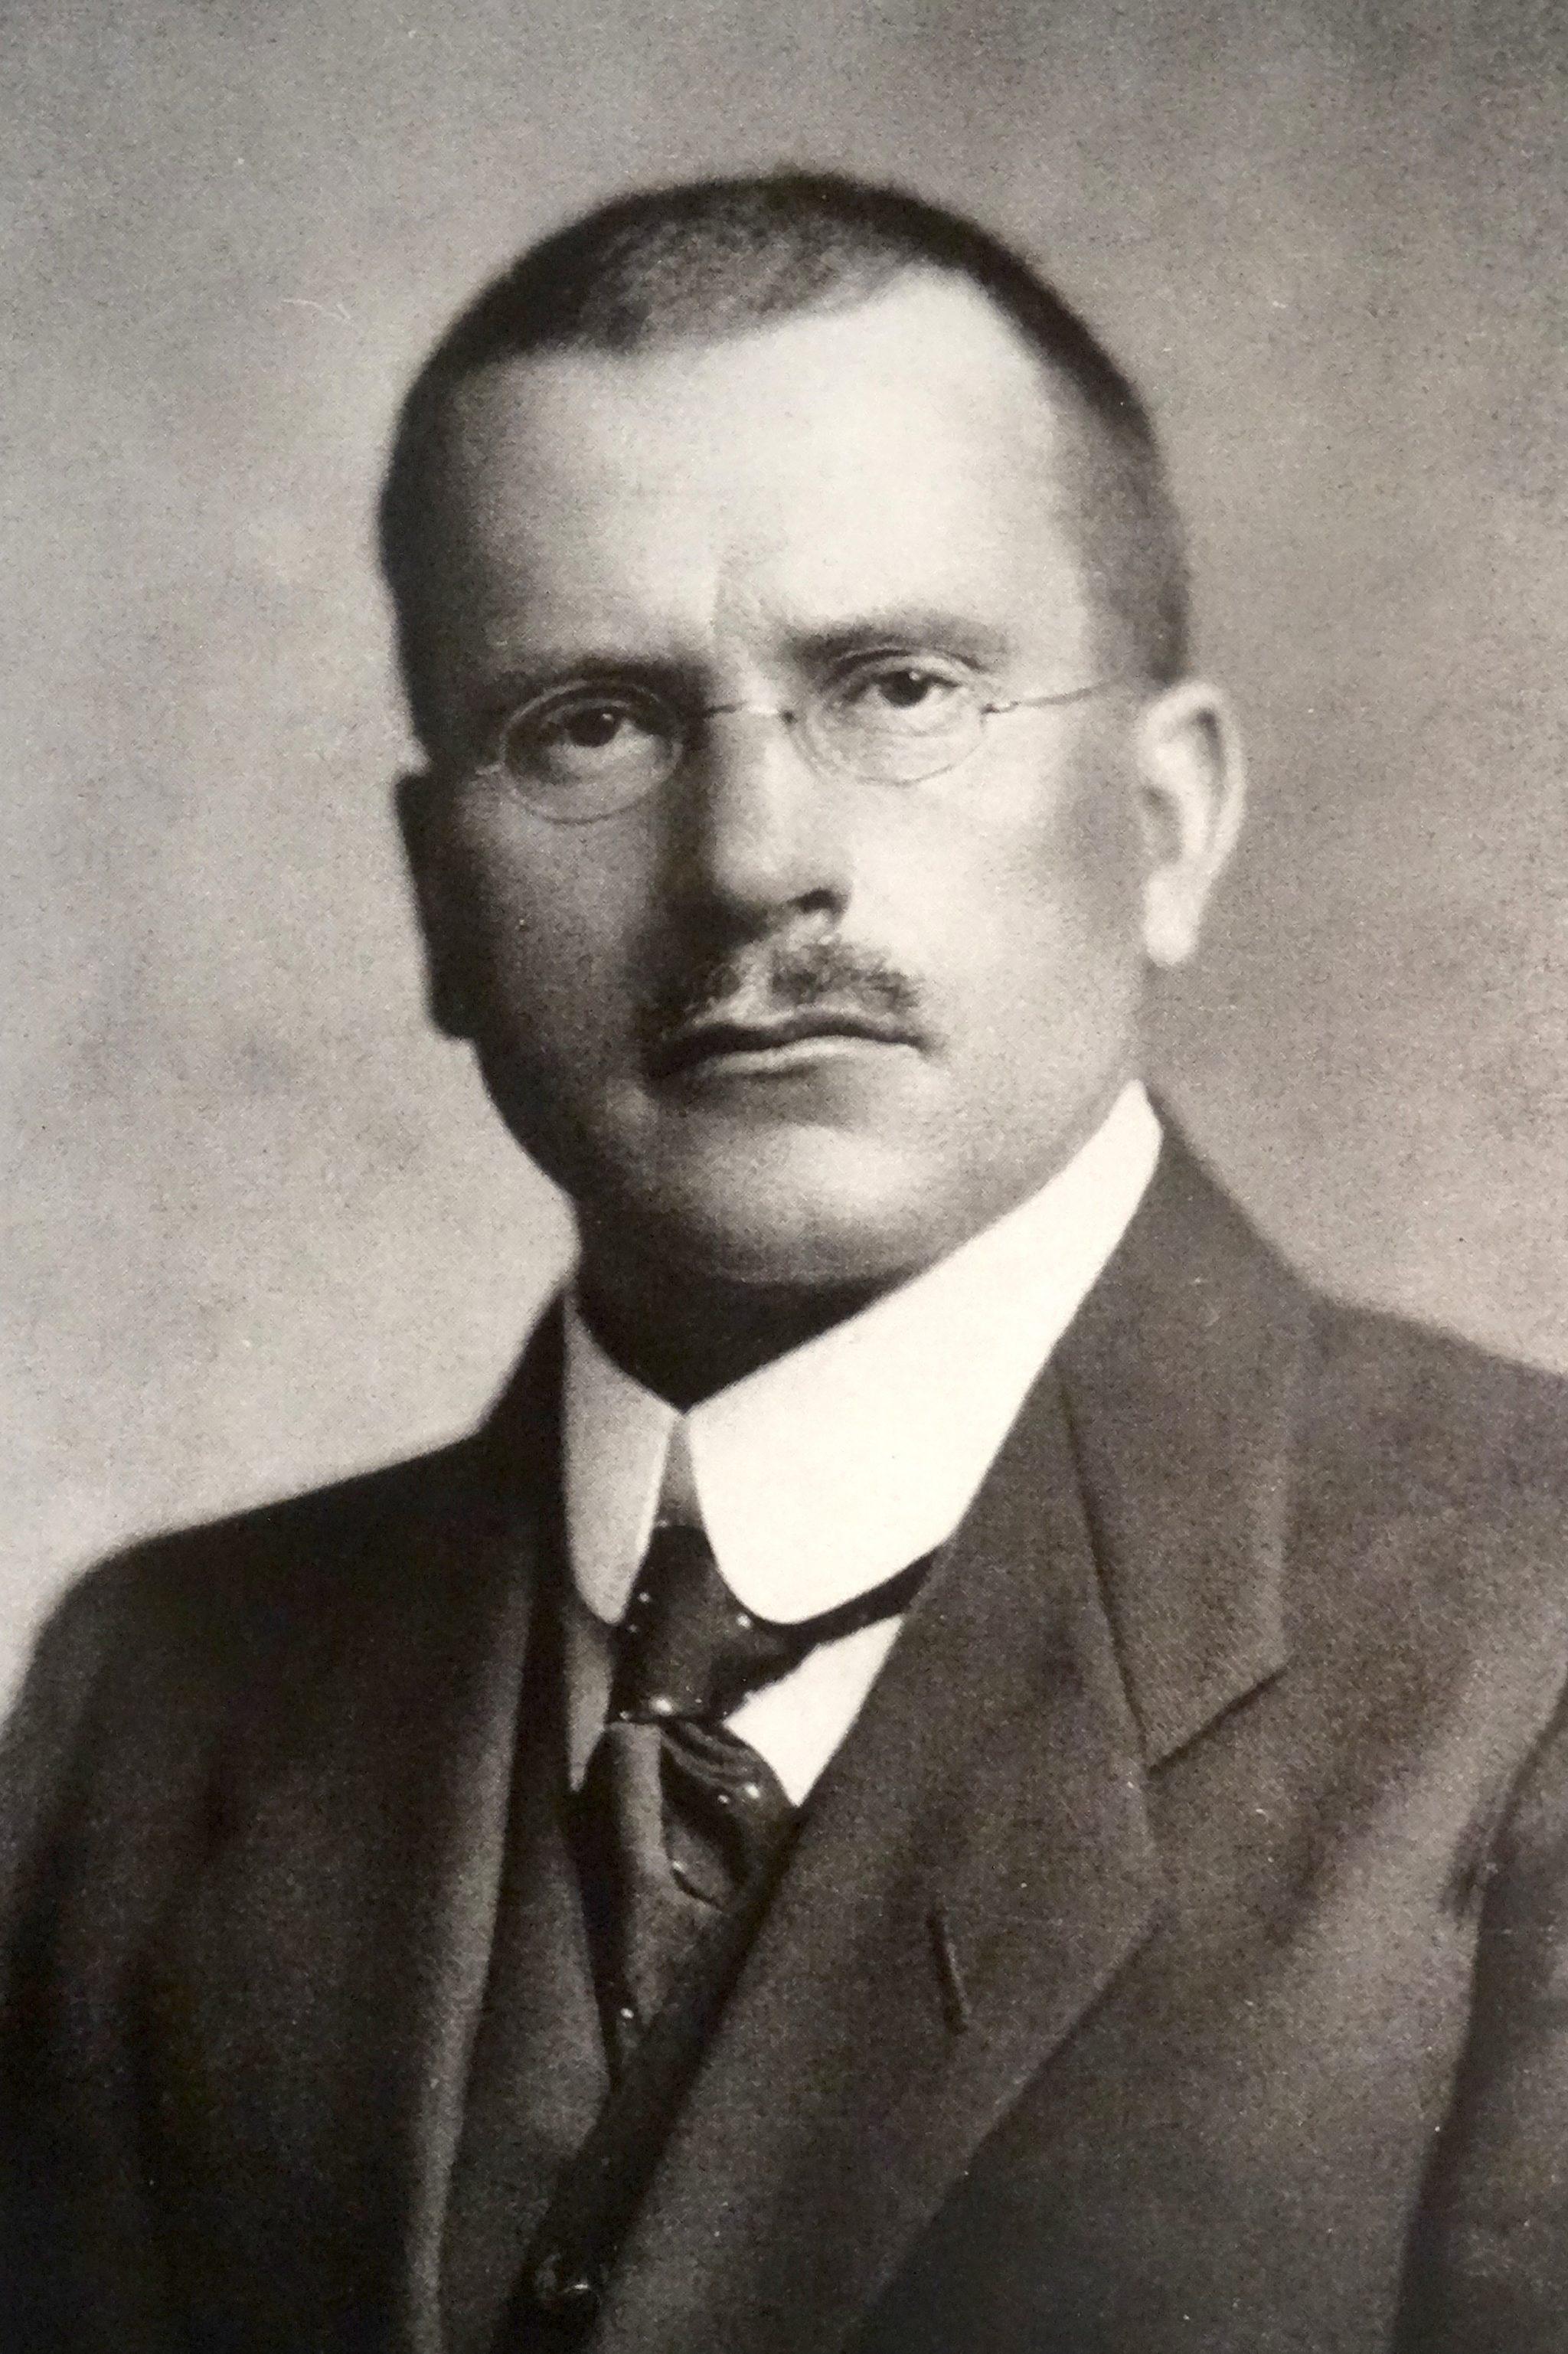 Nach Carl Gustav Jung muss der Mensch scheinbar Gegensätzliches wie Gefühl und Verstand akzeptieren, um zu reifen.